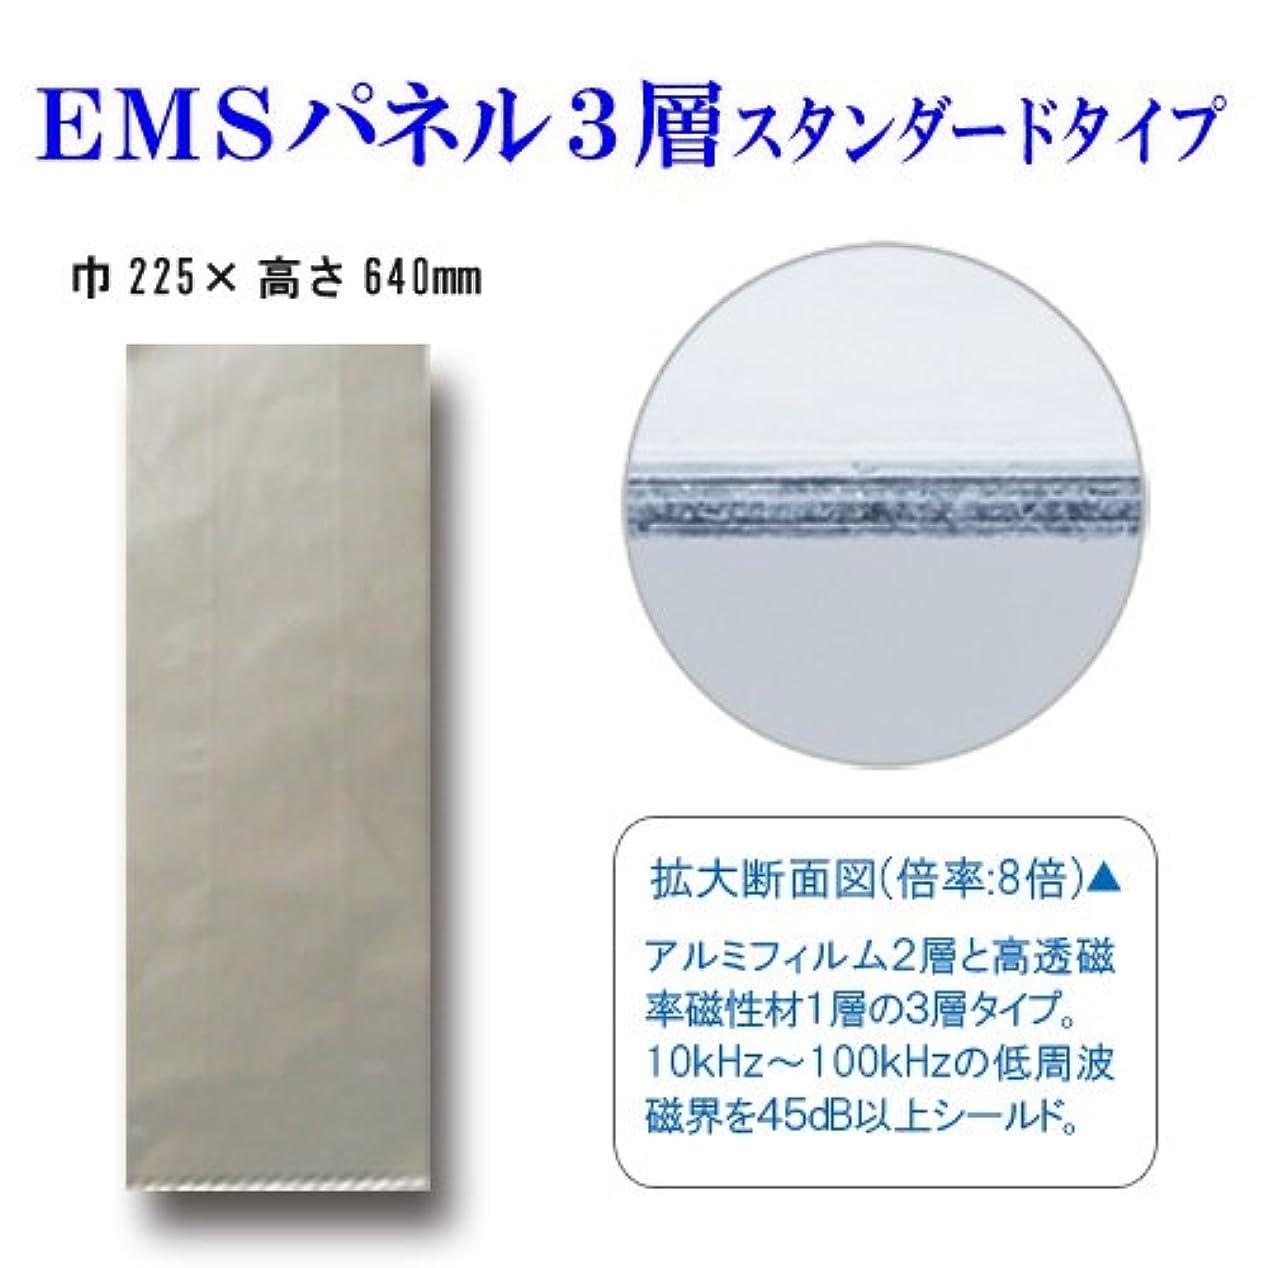 実際にレプリカエーカーEMSパネル3層-標準タイプ(低周波磁界対策)225×640mm